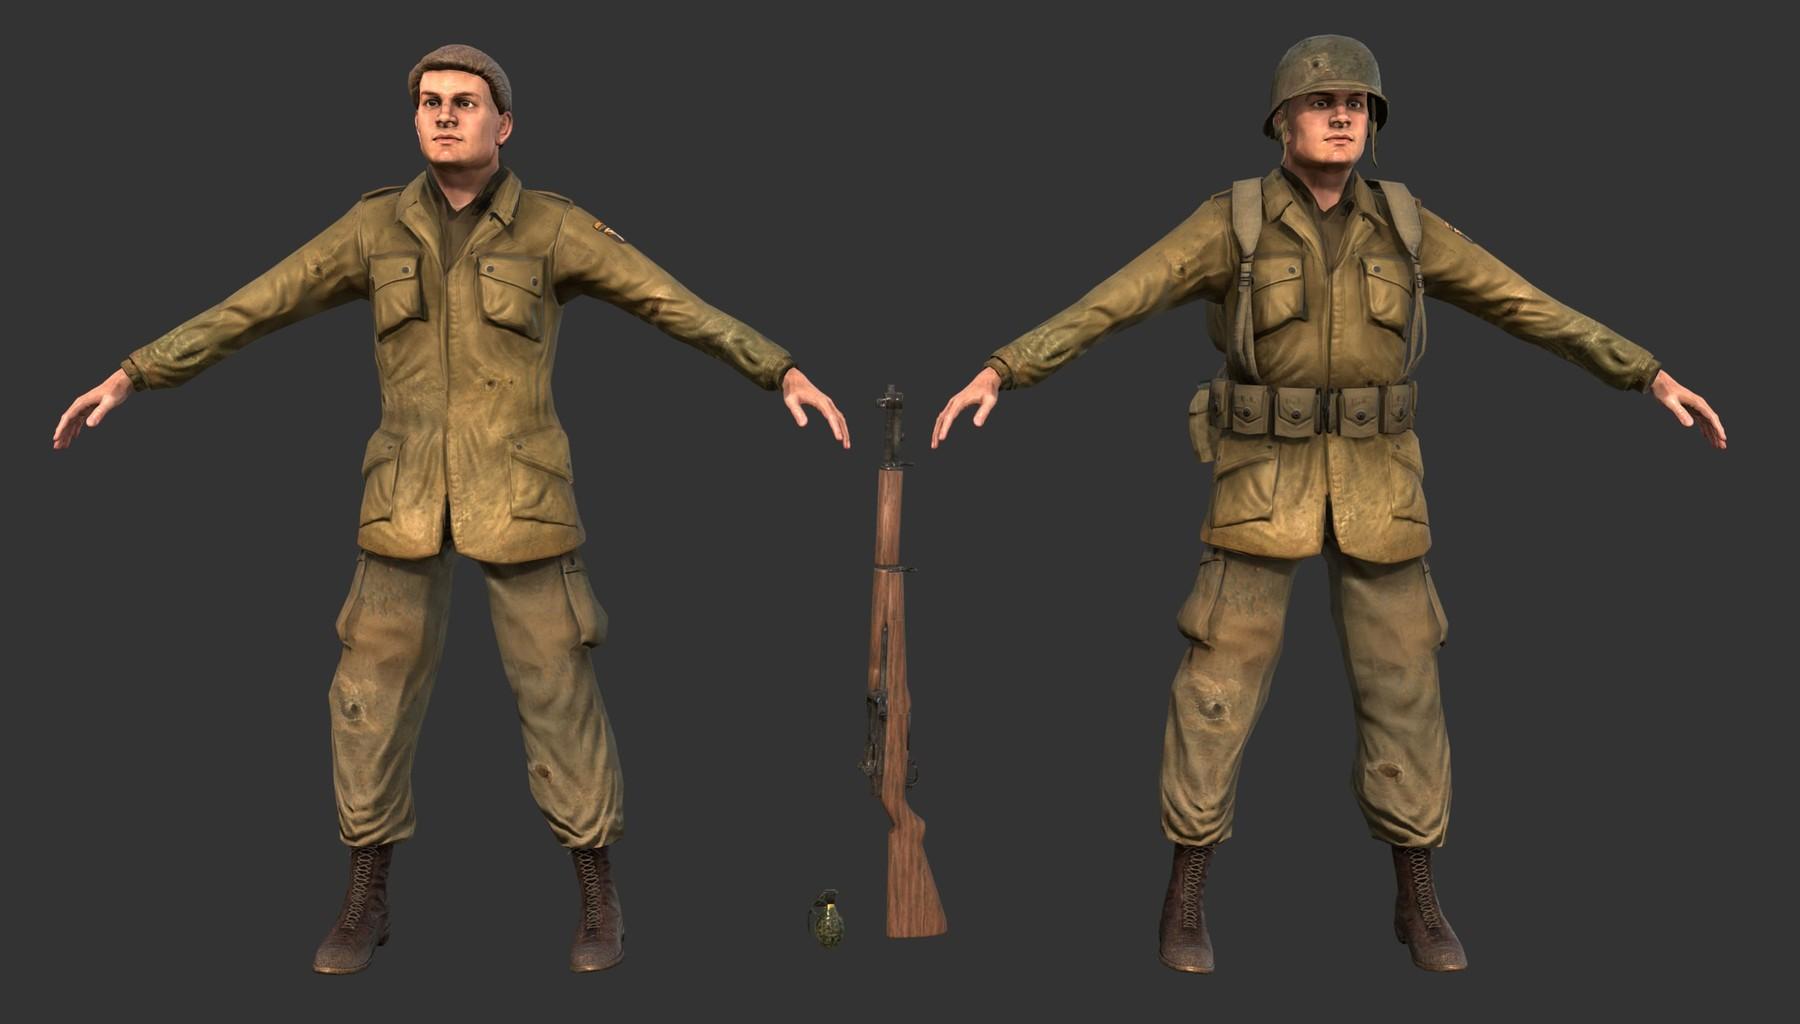 PBR Seamless Textures - WW2 World War 2 Soldier Game Ready 3D